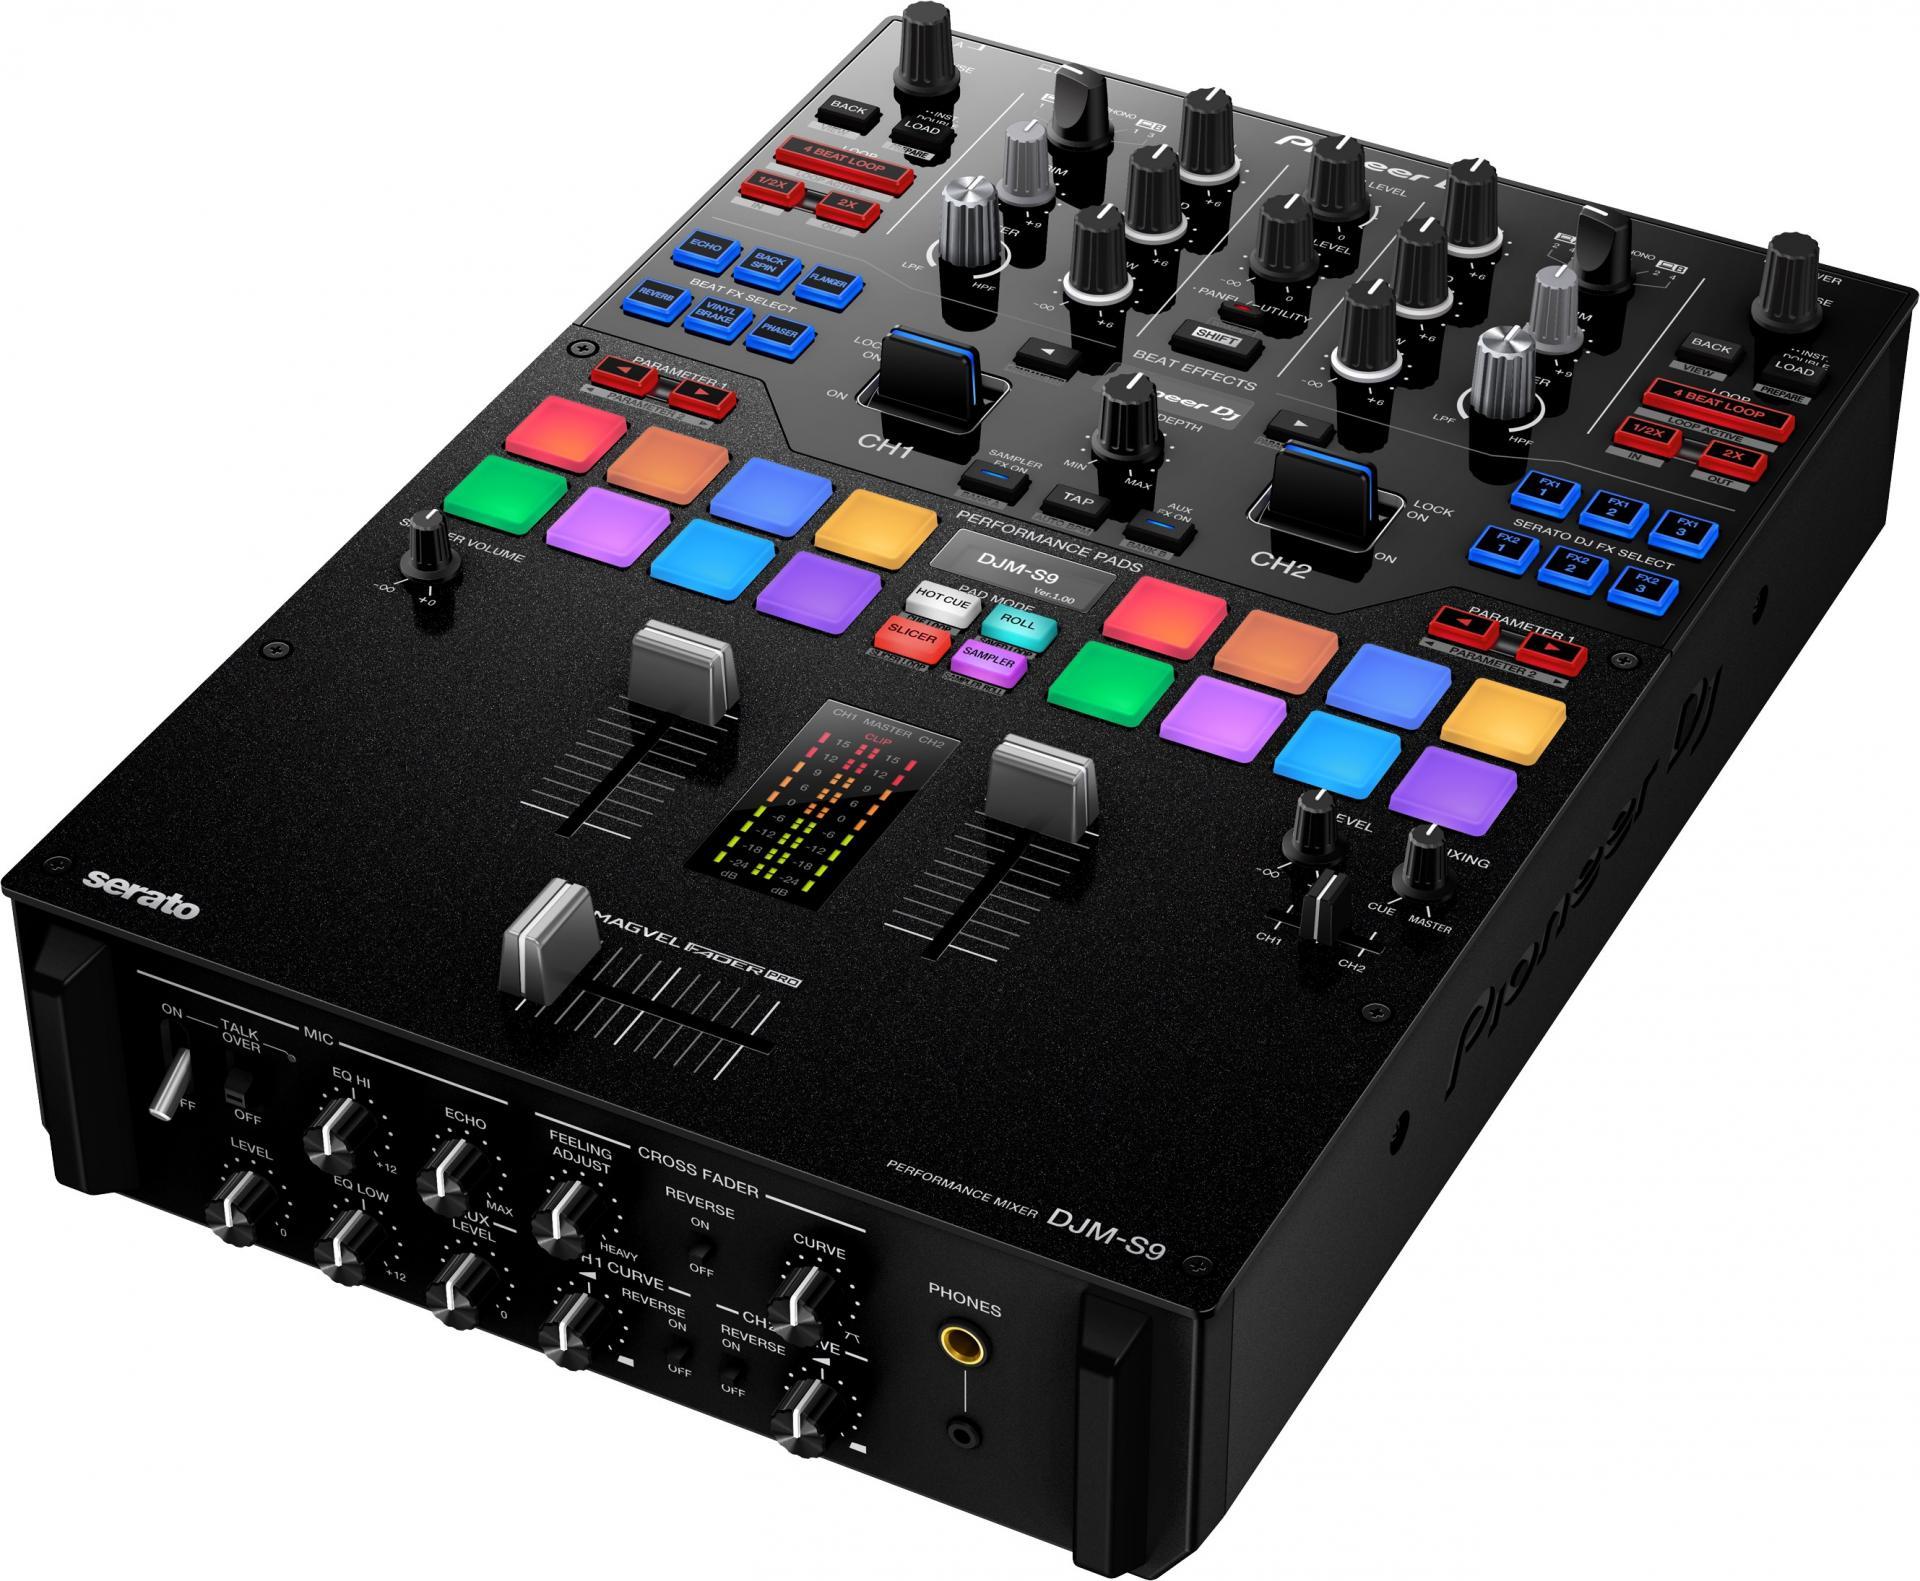 先锋DJM-S9混音台